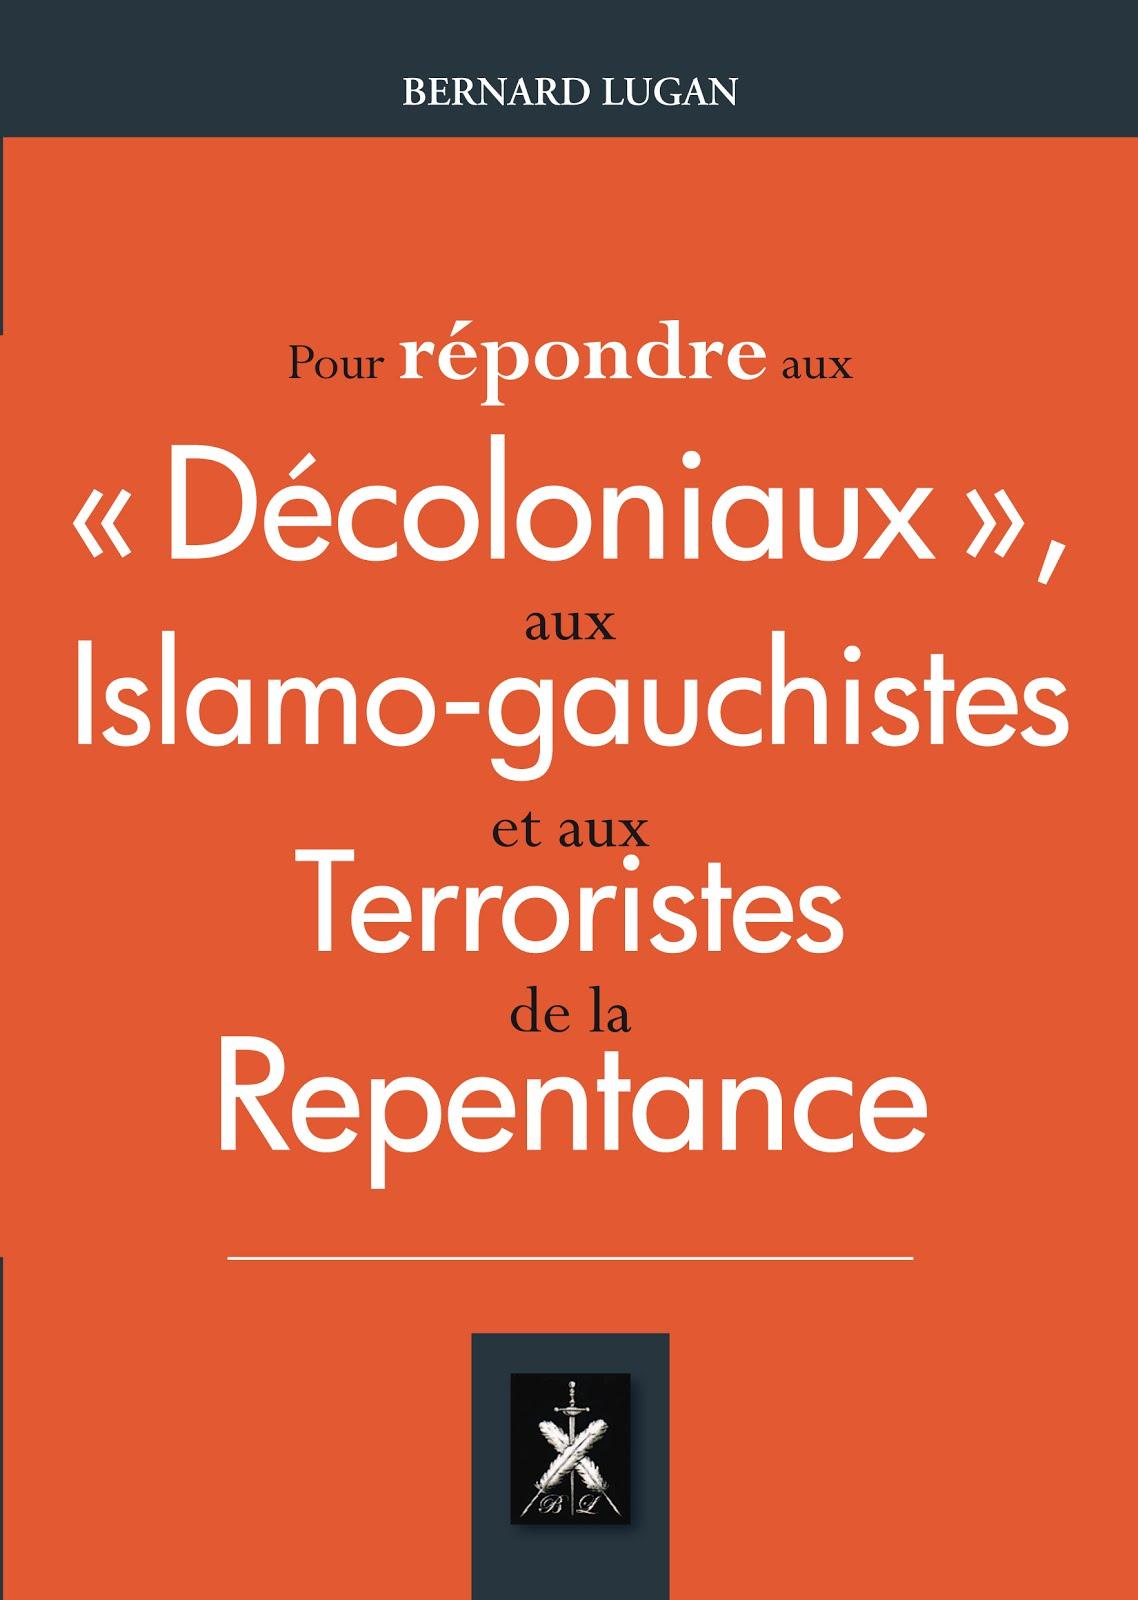 Pour répondre aux décoloniaux, aux islamo-gauchistes et aux terroristes de la repentance